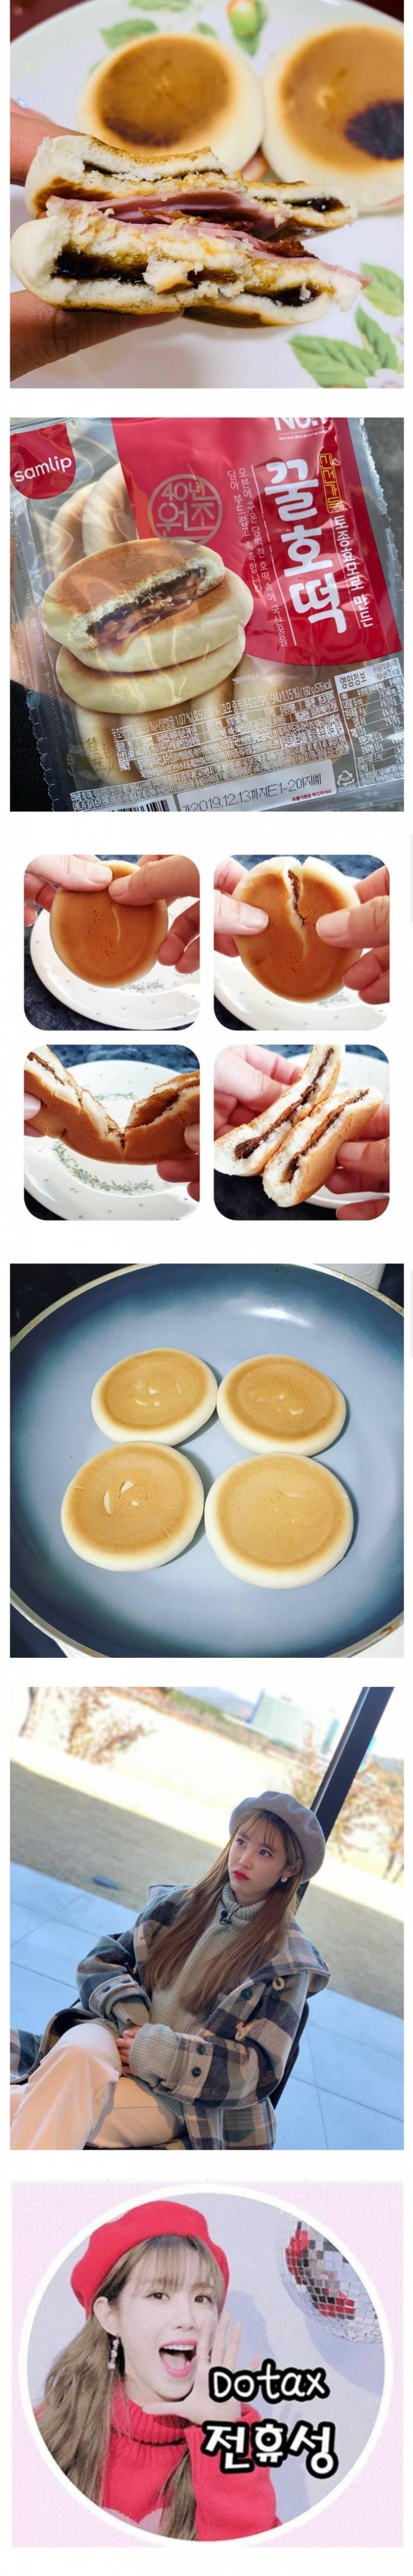 구워먹으면 더 맛있다는 빵 원탑.......jpg | 인스티즈